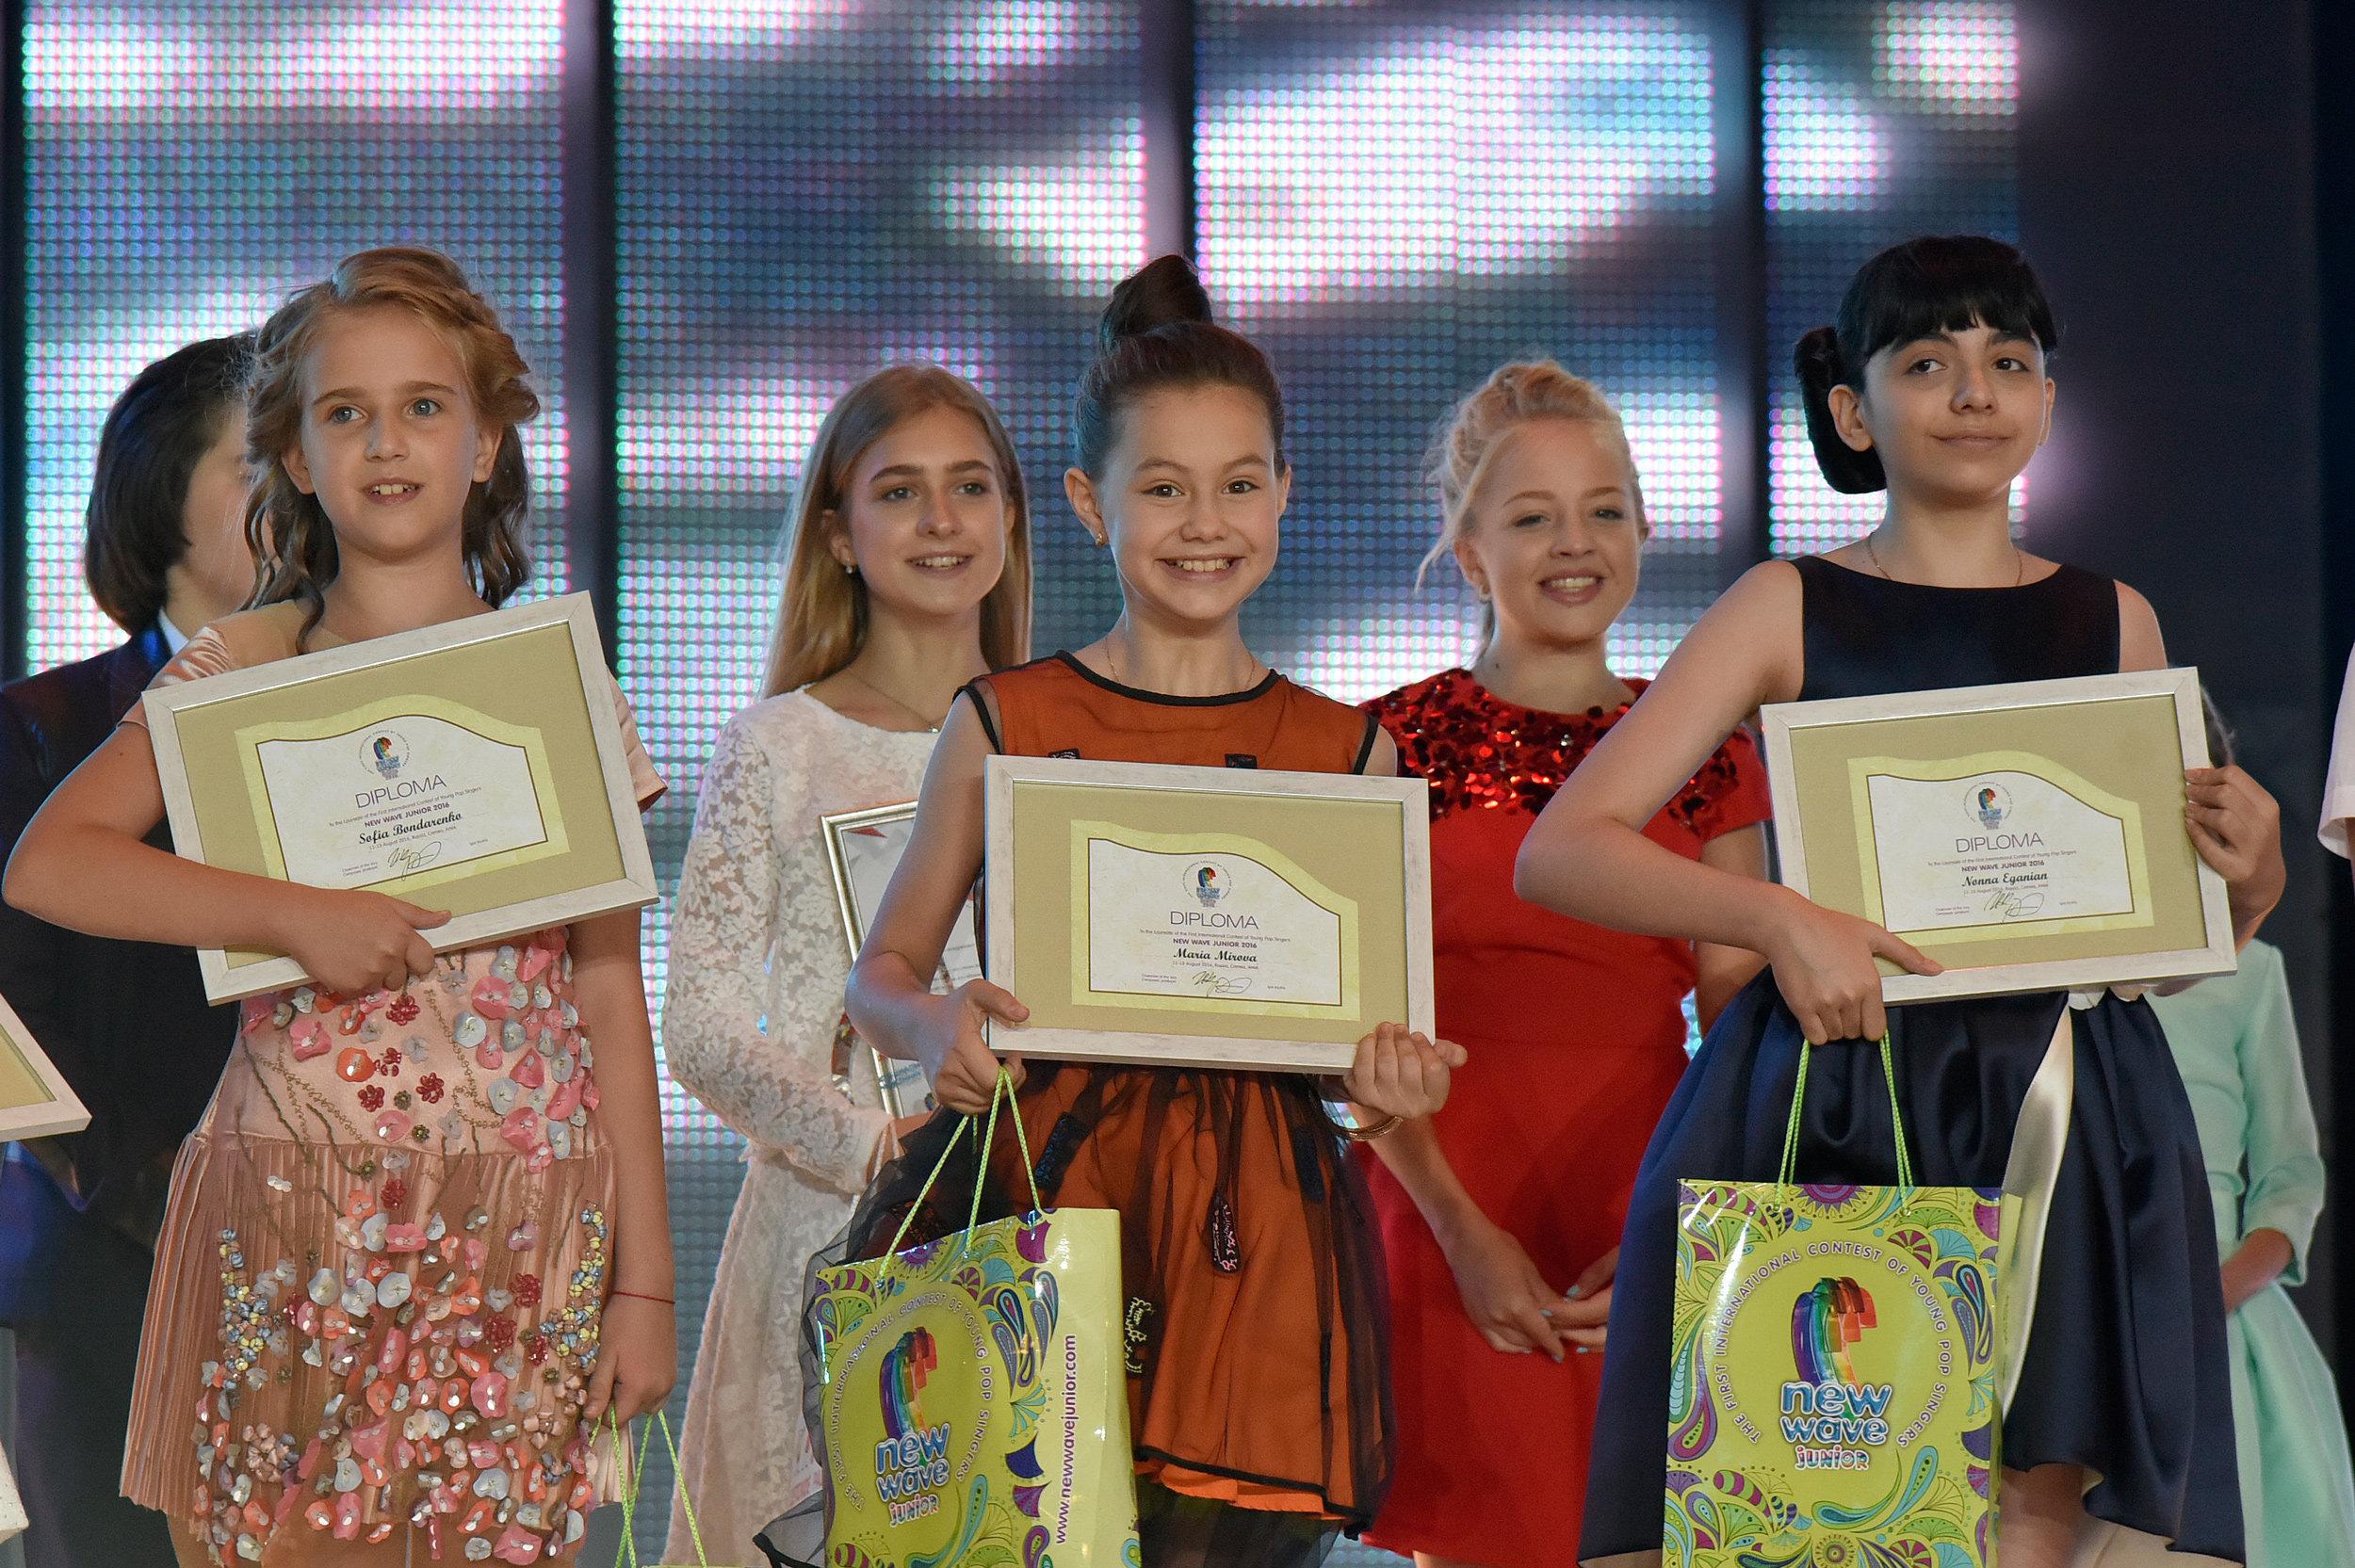 Победители детского конкурса новая волна